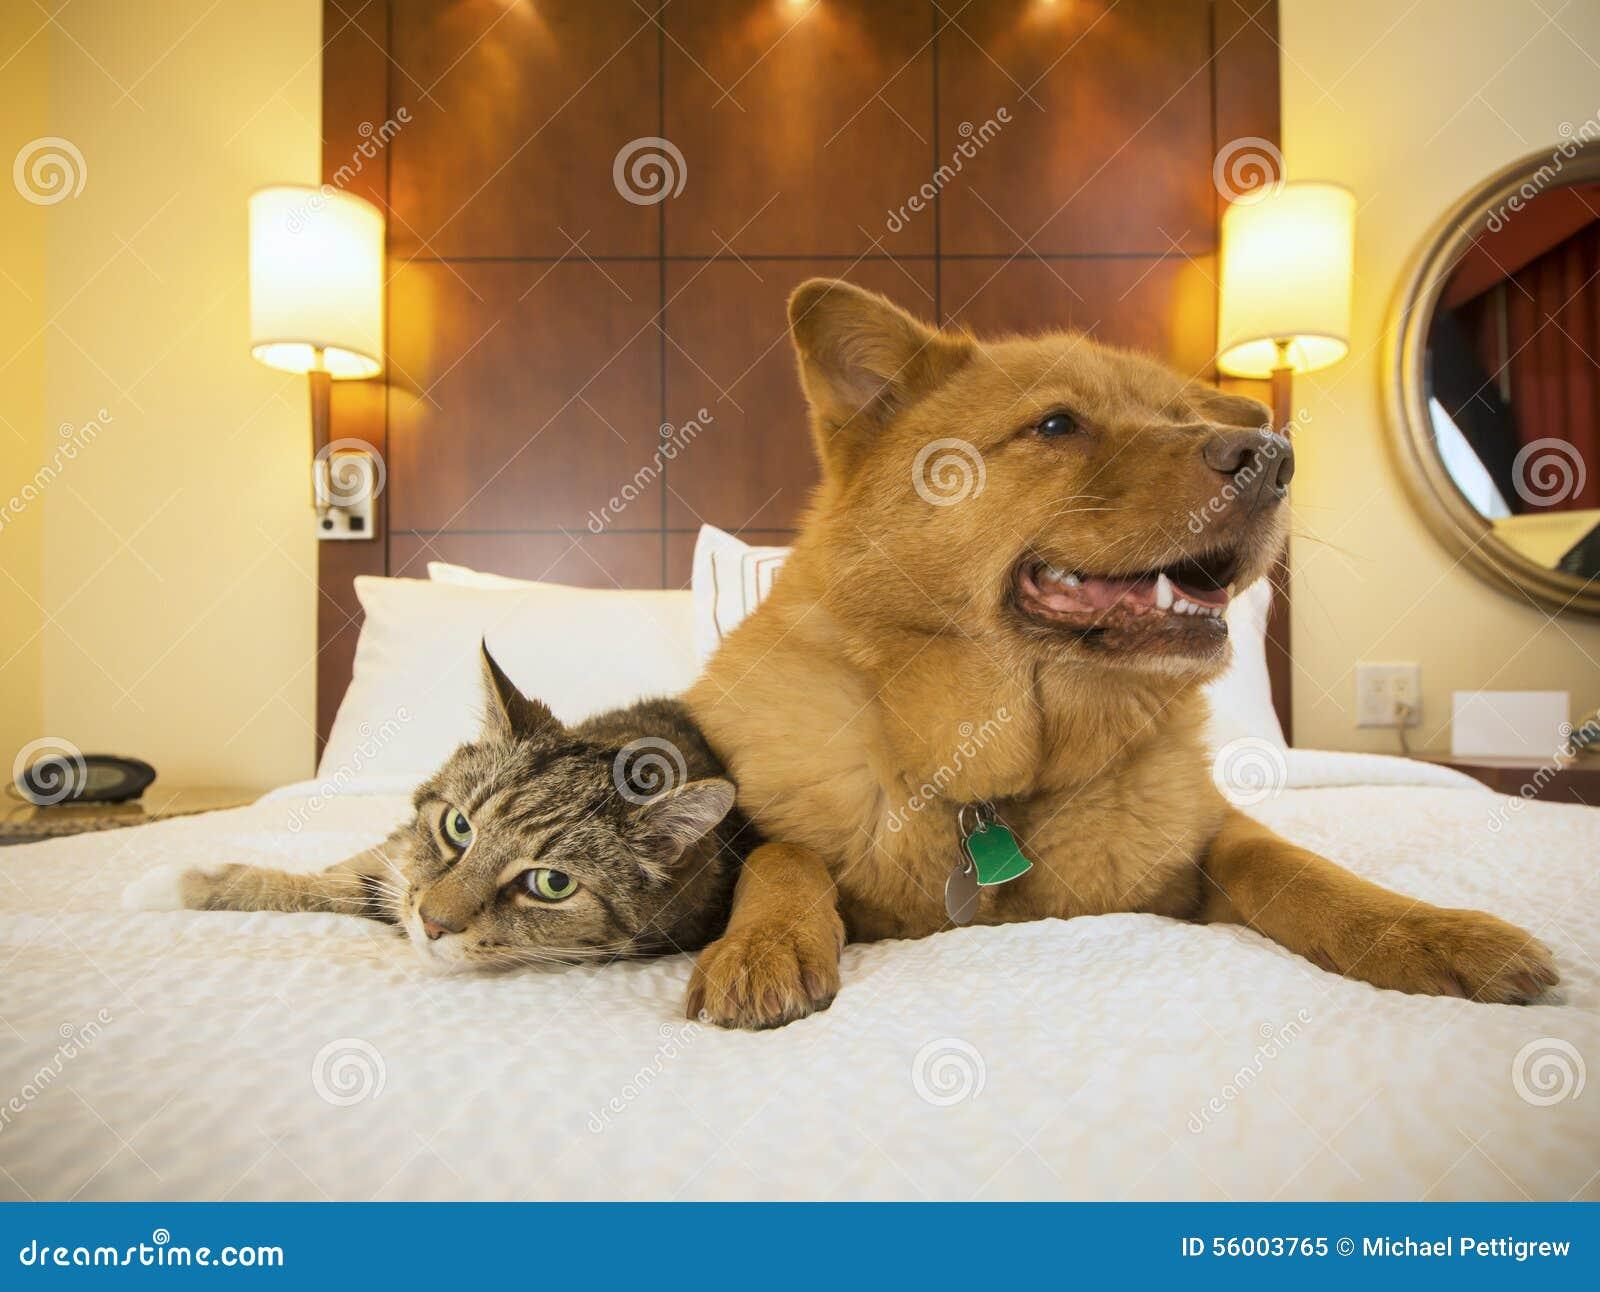 Gatto e cane insieme nella camera da letto dell 39 hotel for Nuova camera da letto dell inghilterra